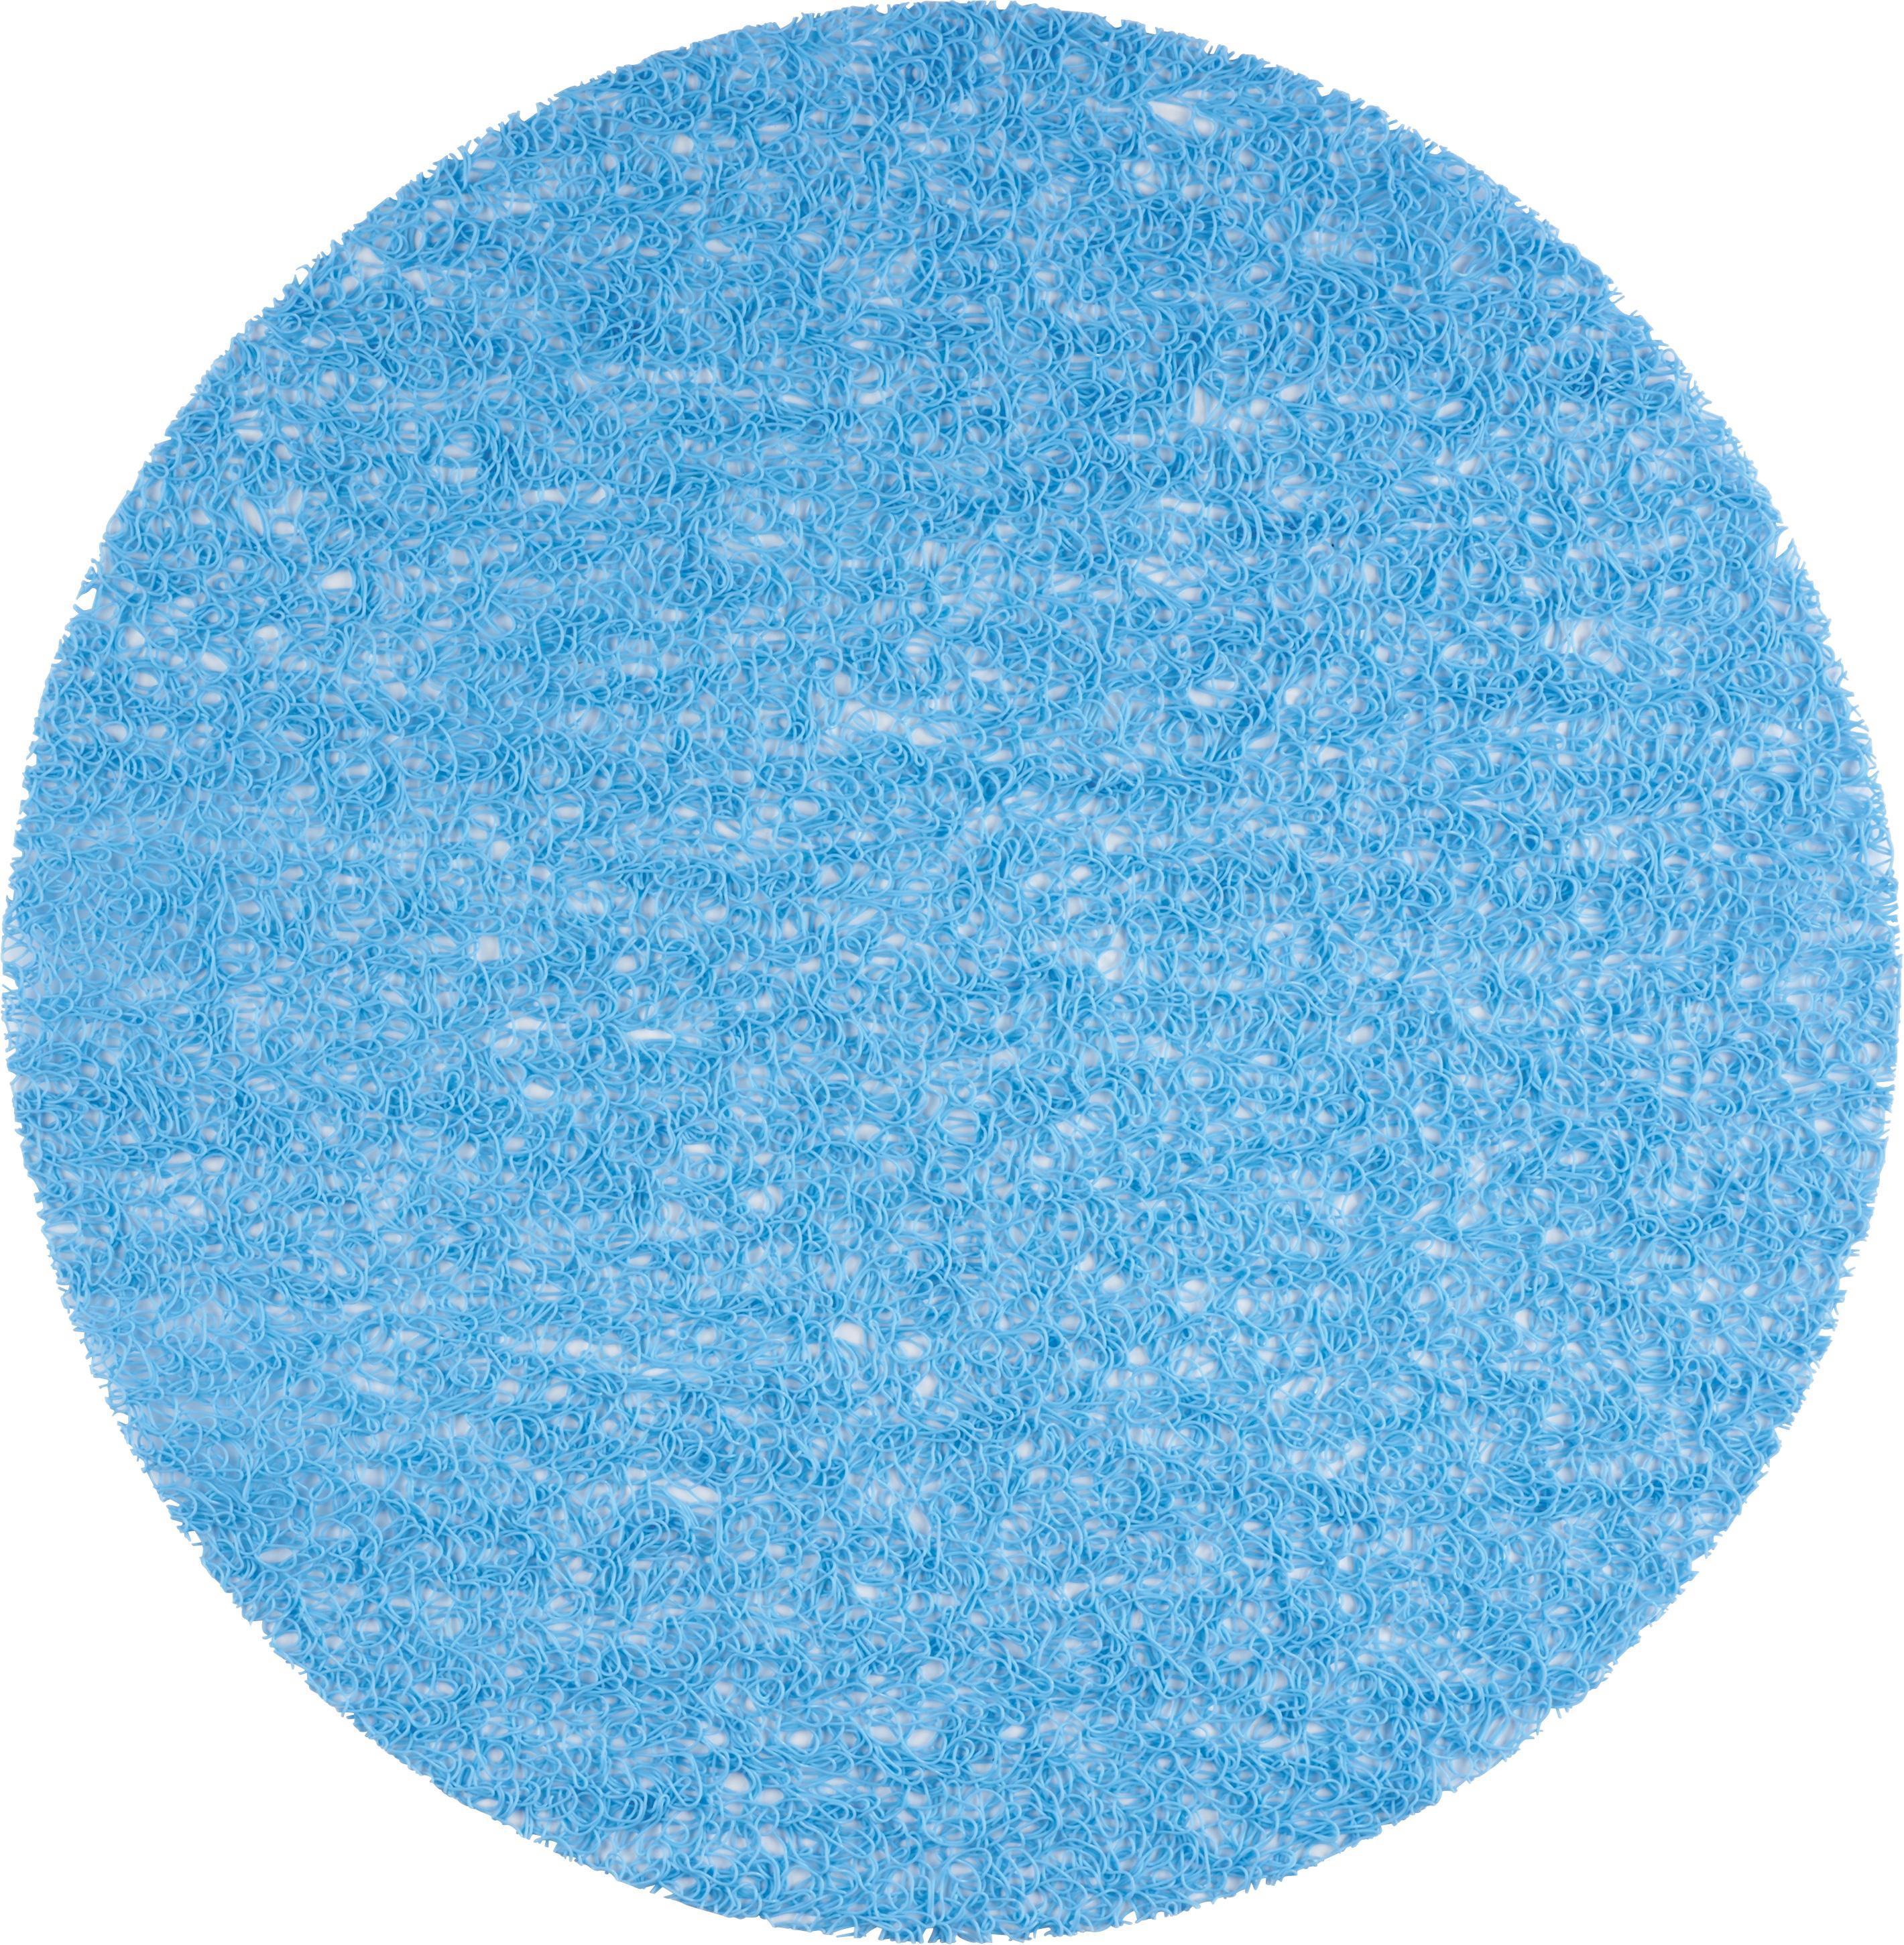 Pogrinjek Win -top- - modra/temno siva, Moderno, umetna masa (38cm)